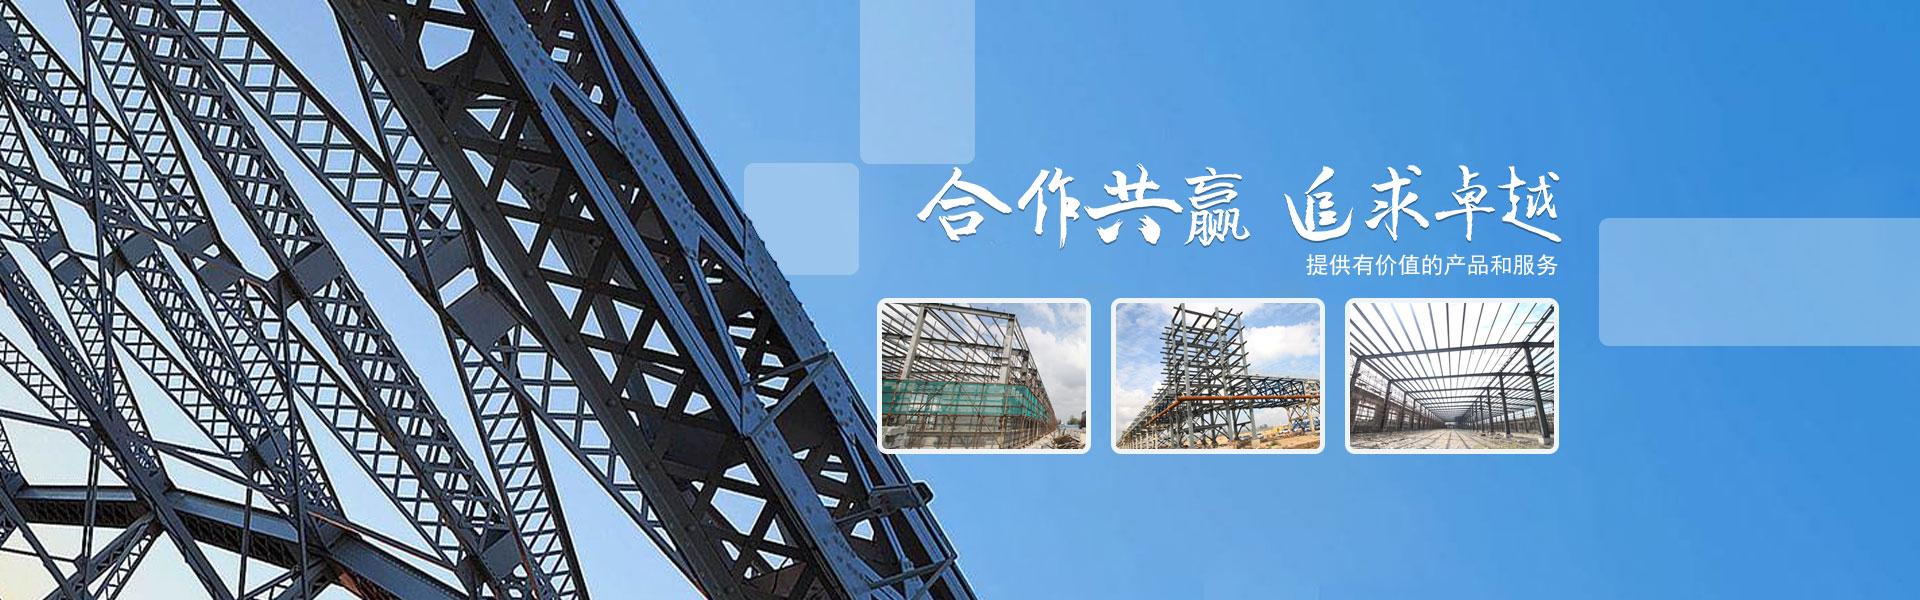 连云港钢结构